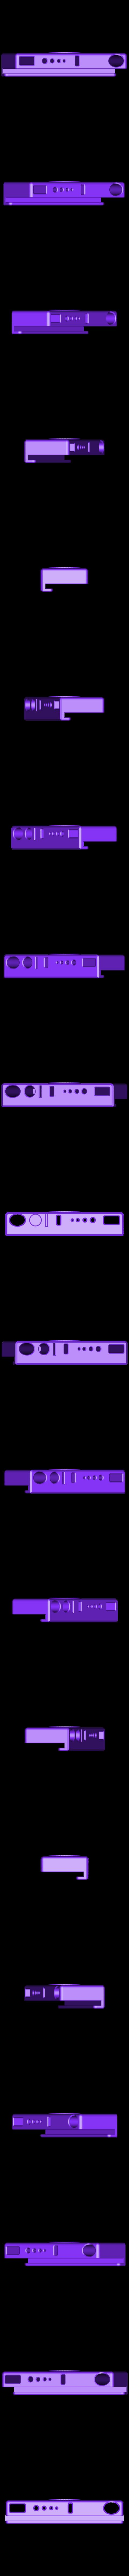 Tool_Tidy_for_Replicator_2.stl Download free STL file YATH Tool Holder for Replicator 2 • 3D printing template, Gaenarra